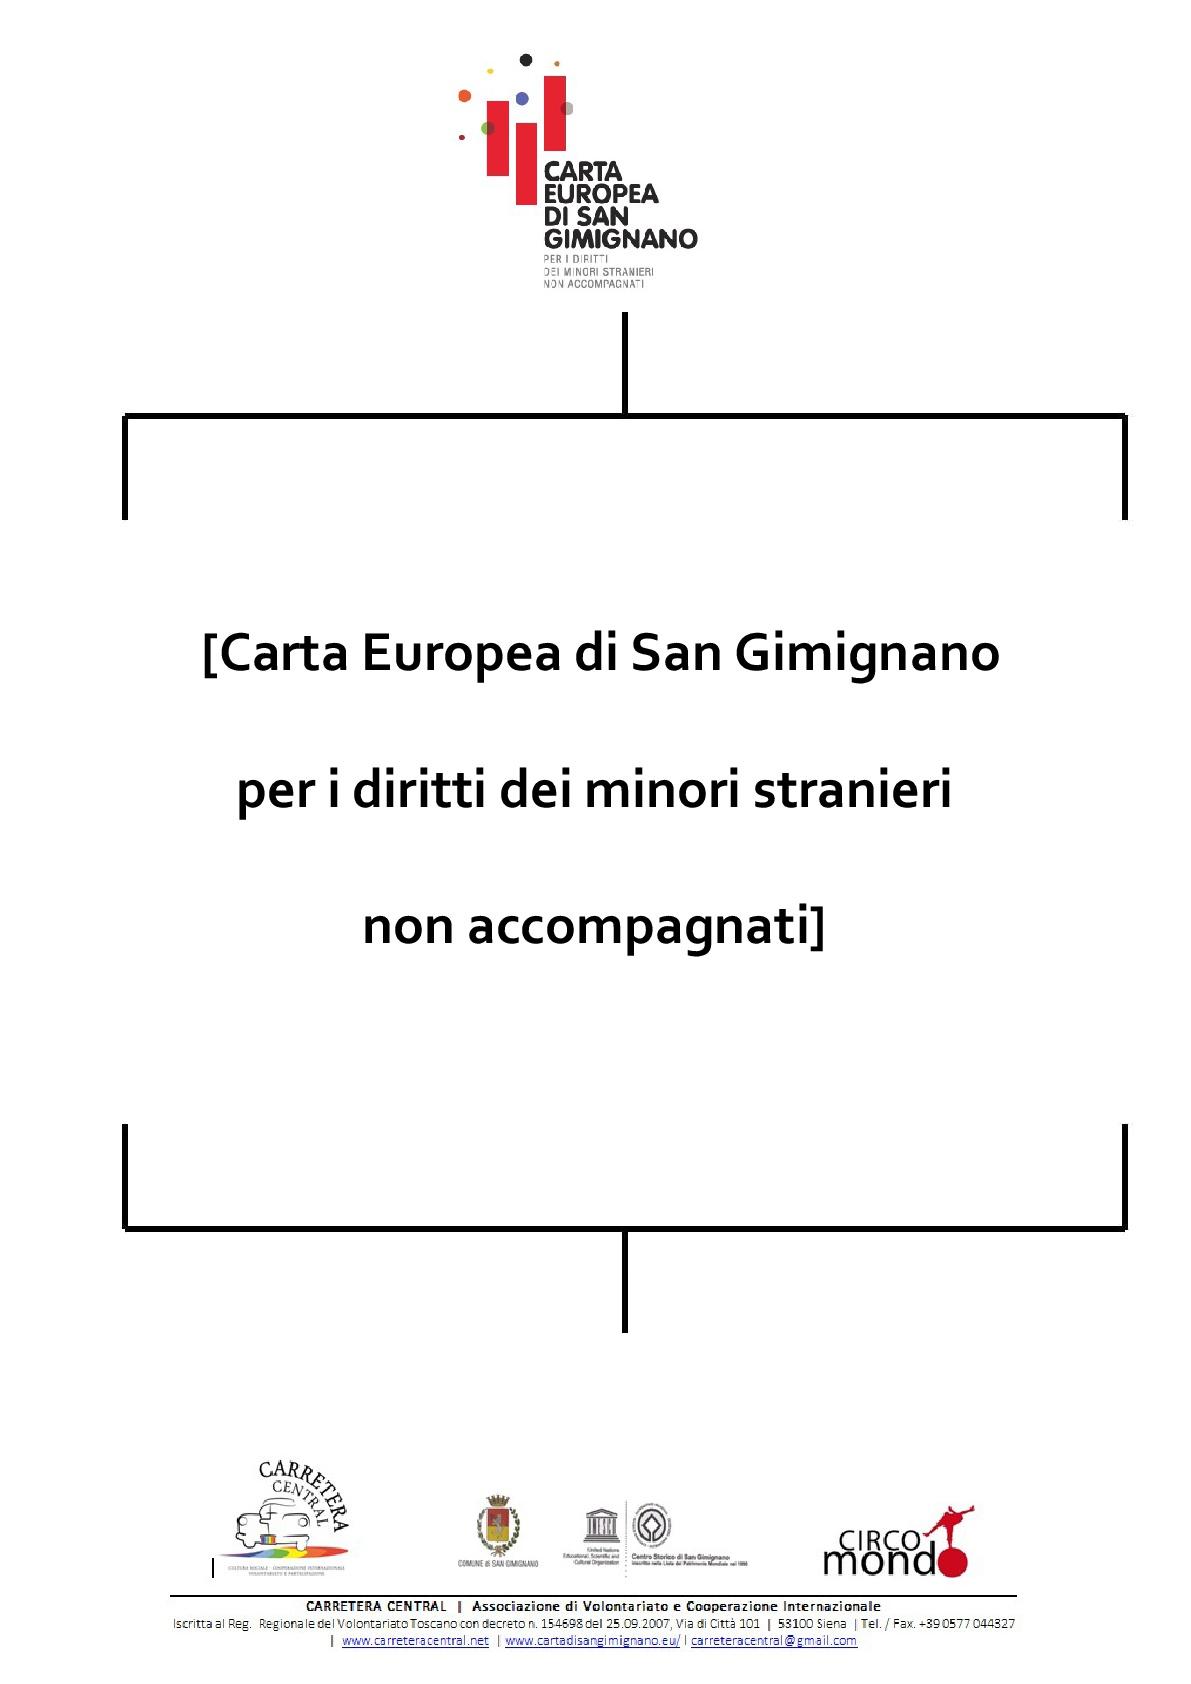 carta europea di san gimignano per i diritti dei minori stranieri non accompagnati